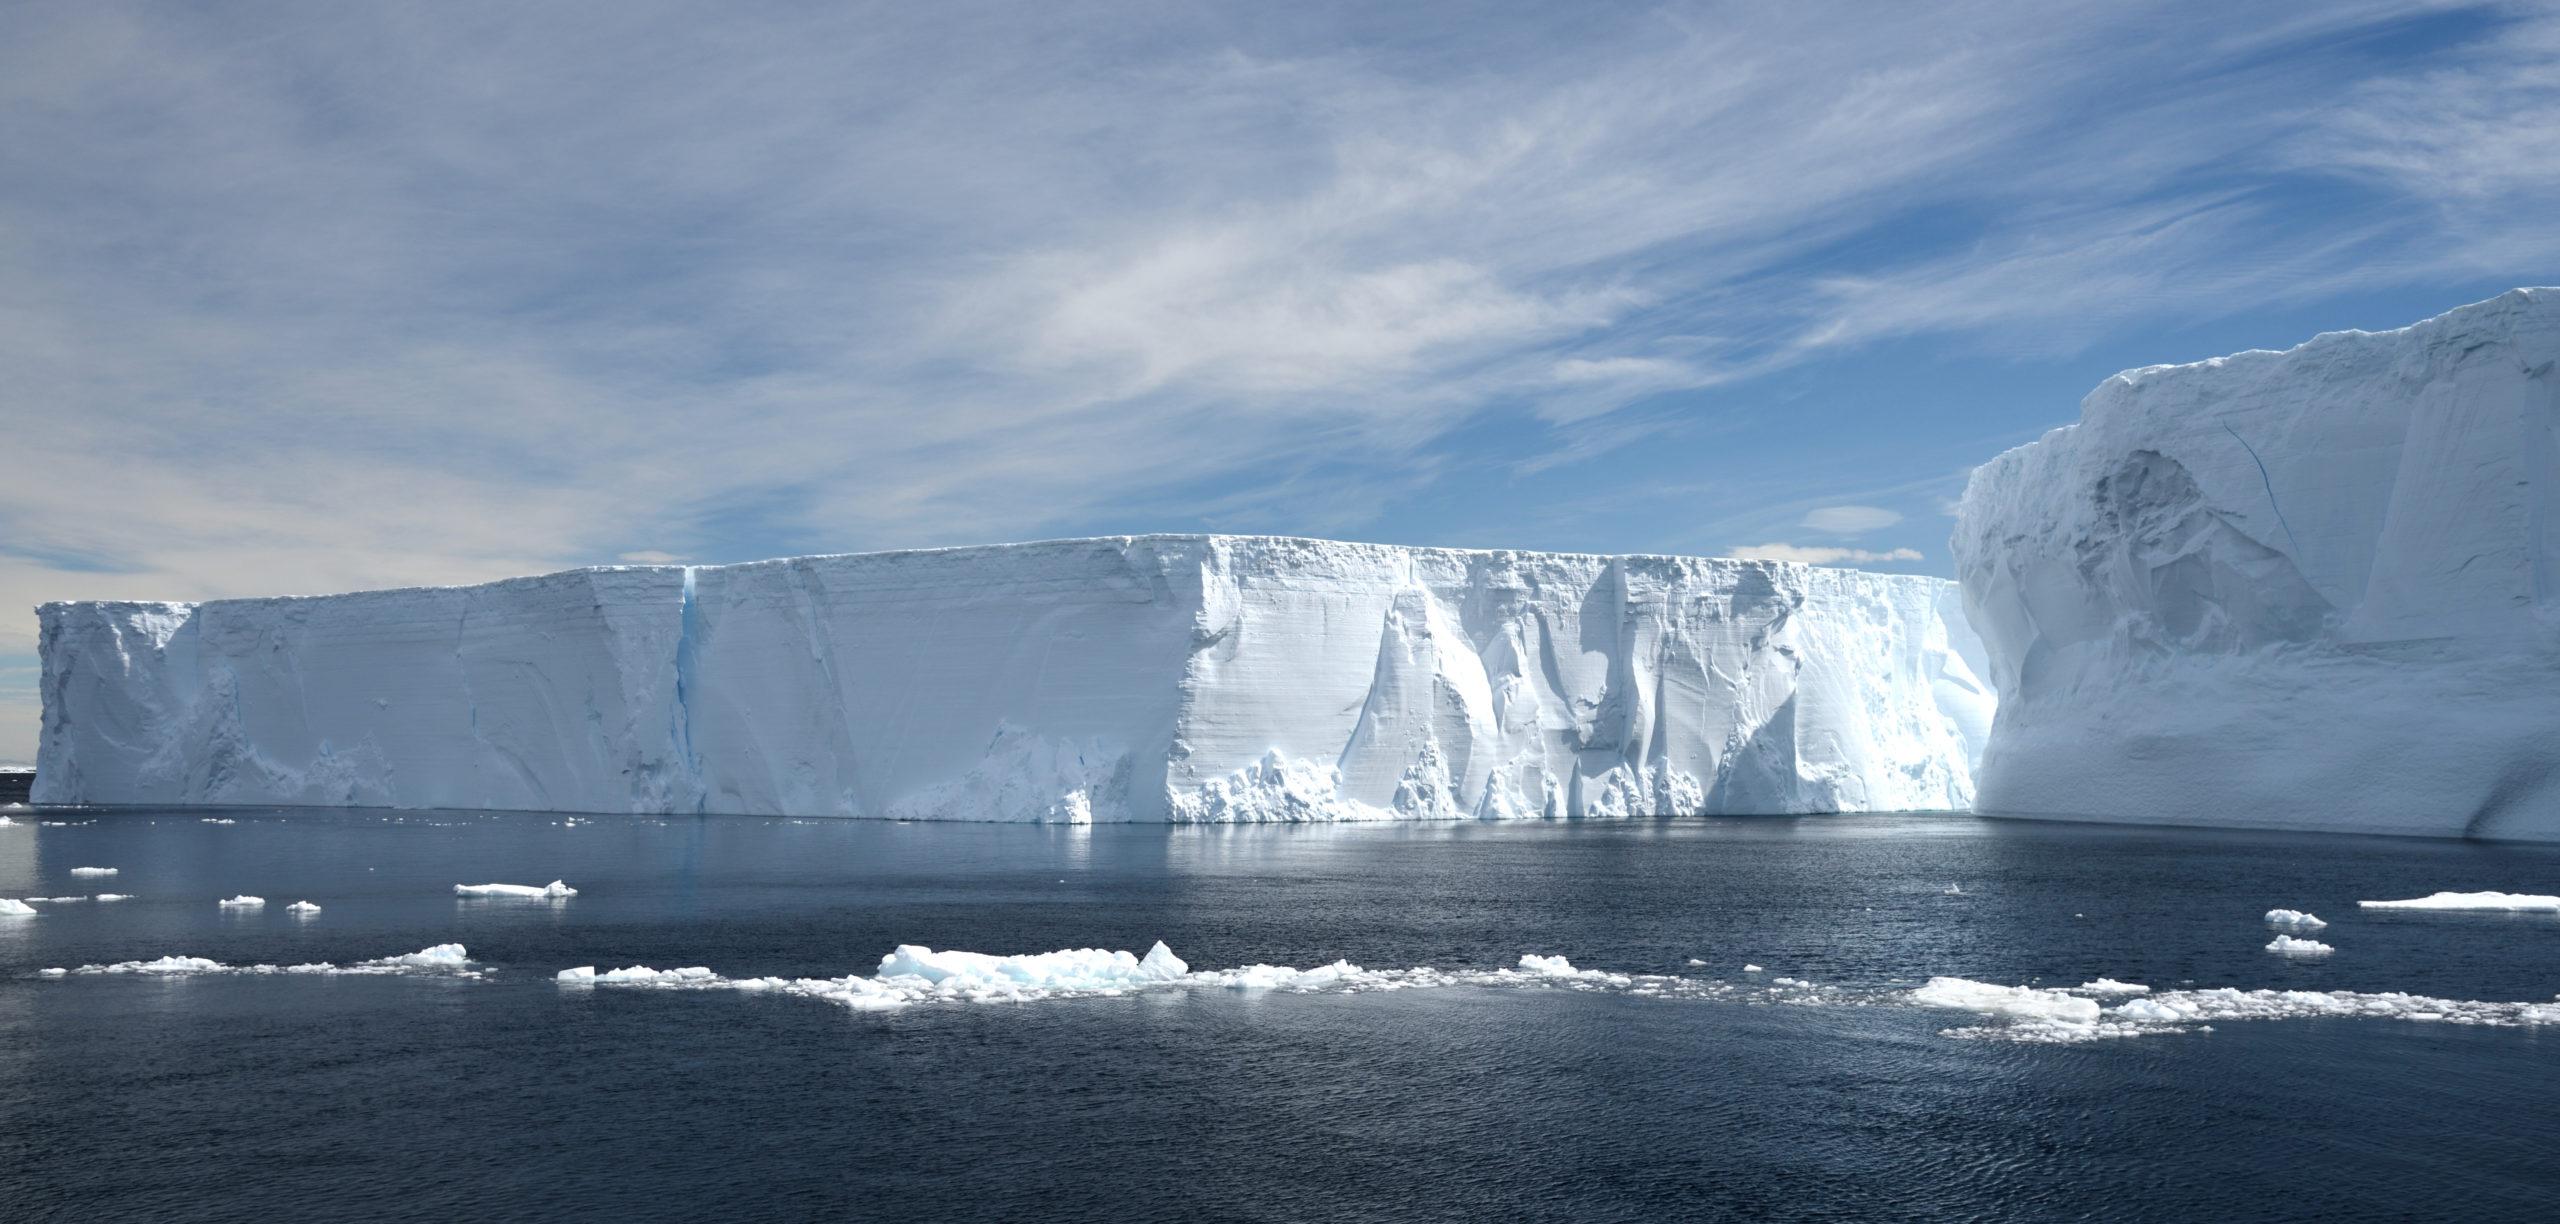 Photo of icebergs.